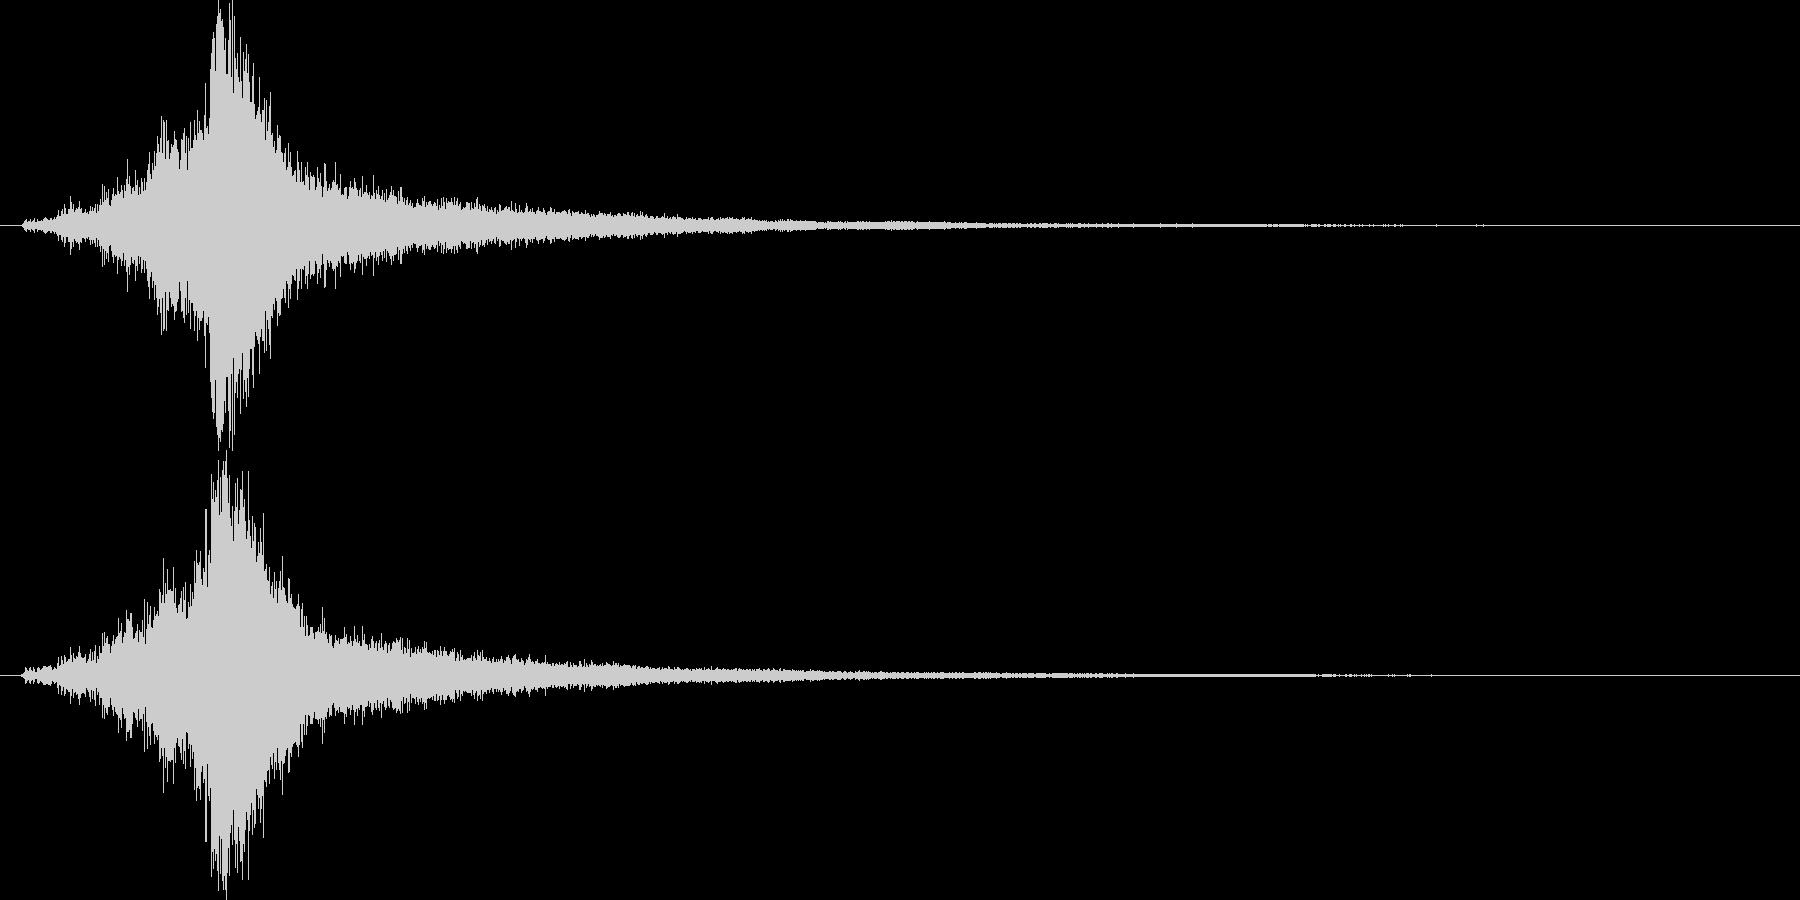 能力が上がる音(シャキン)の未再生の波形